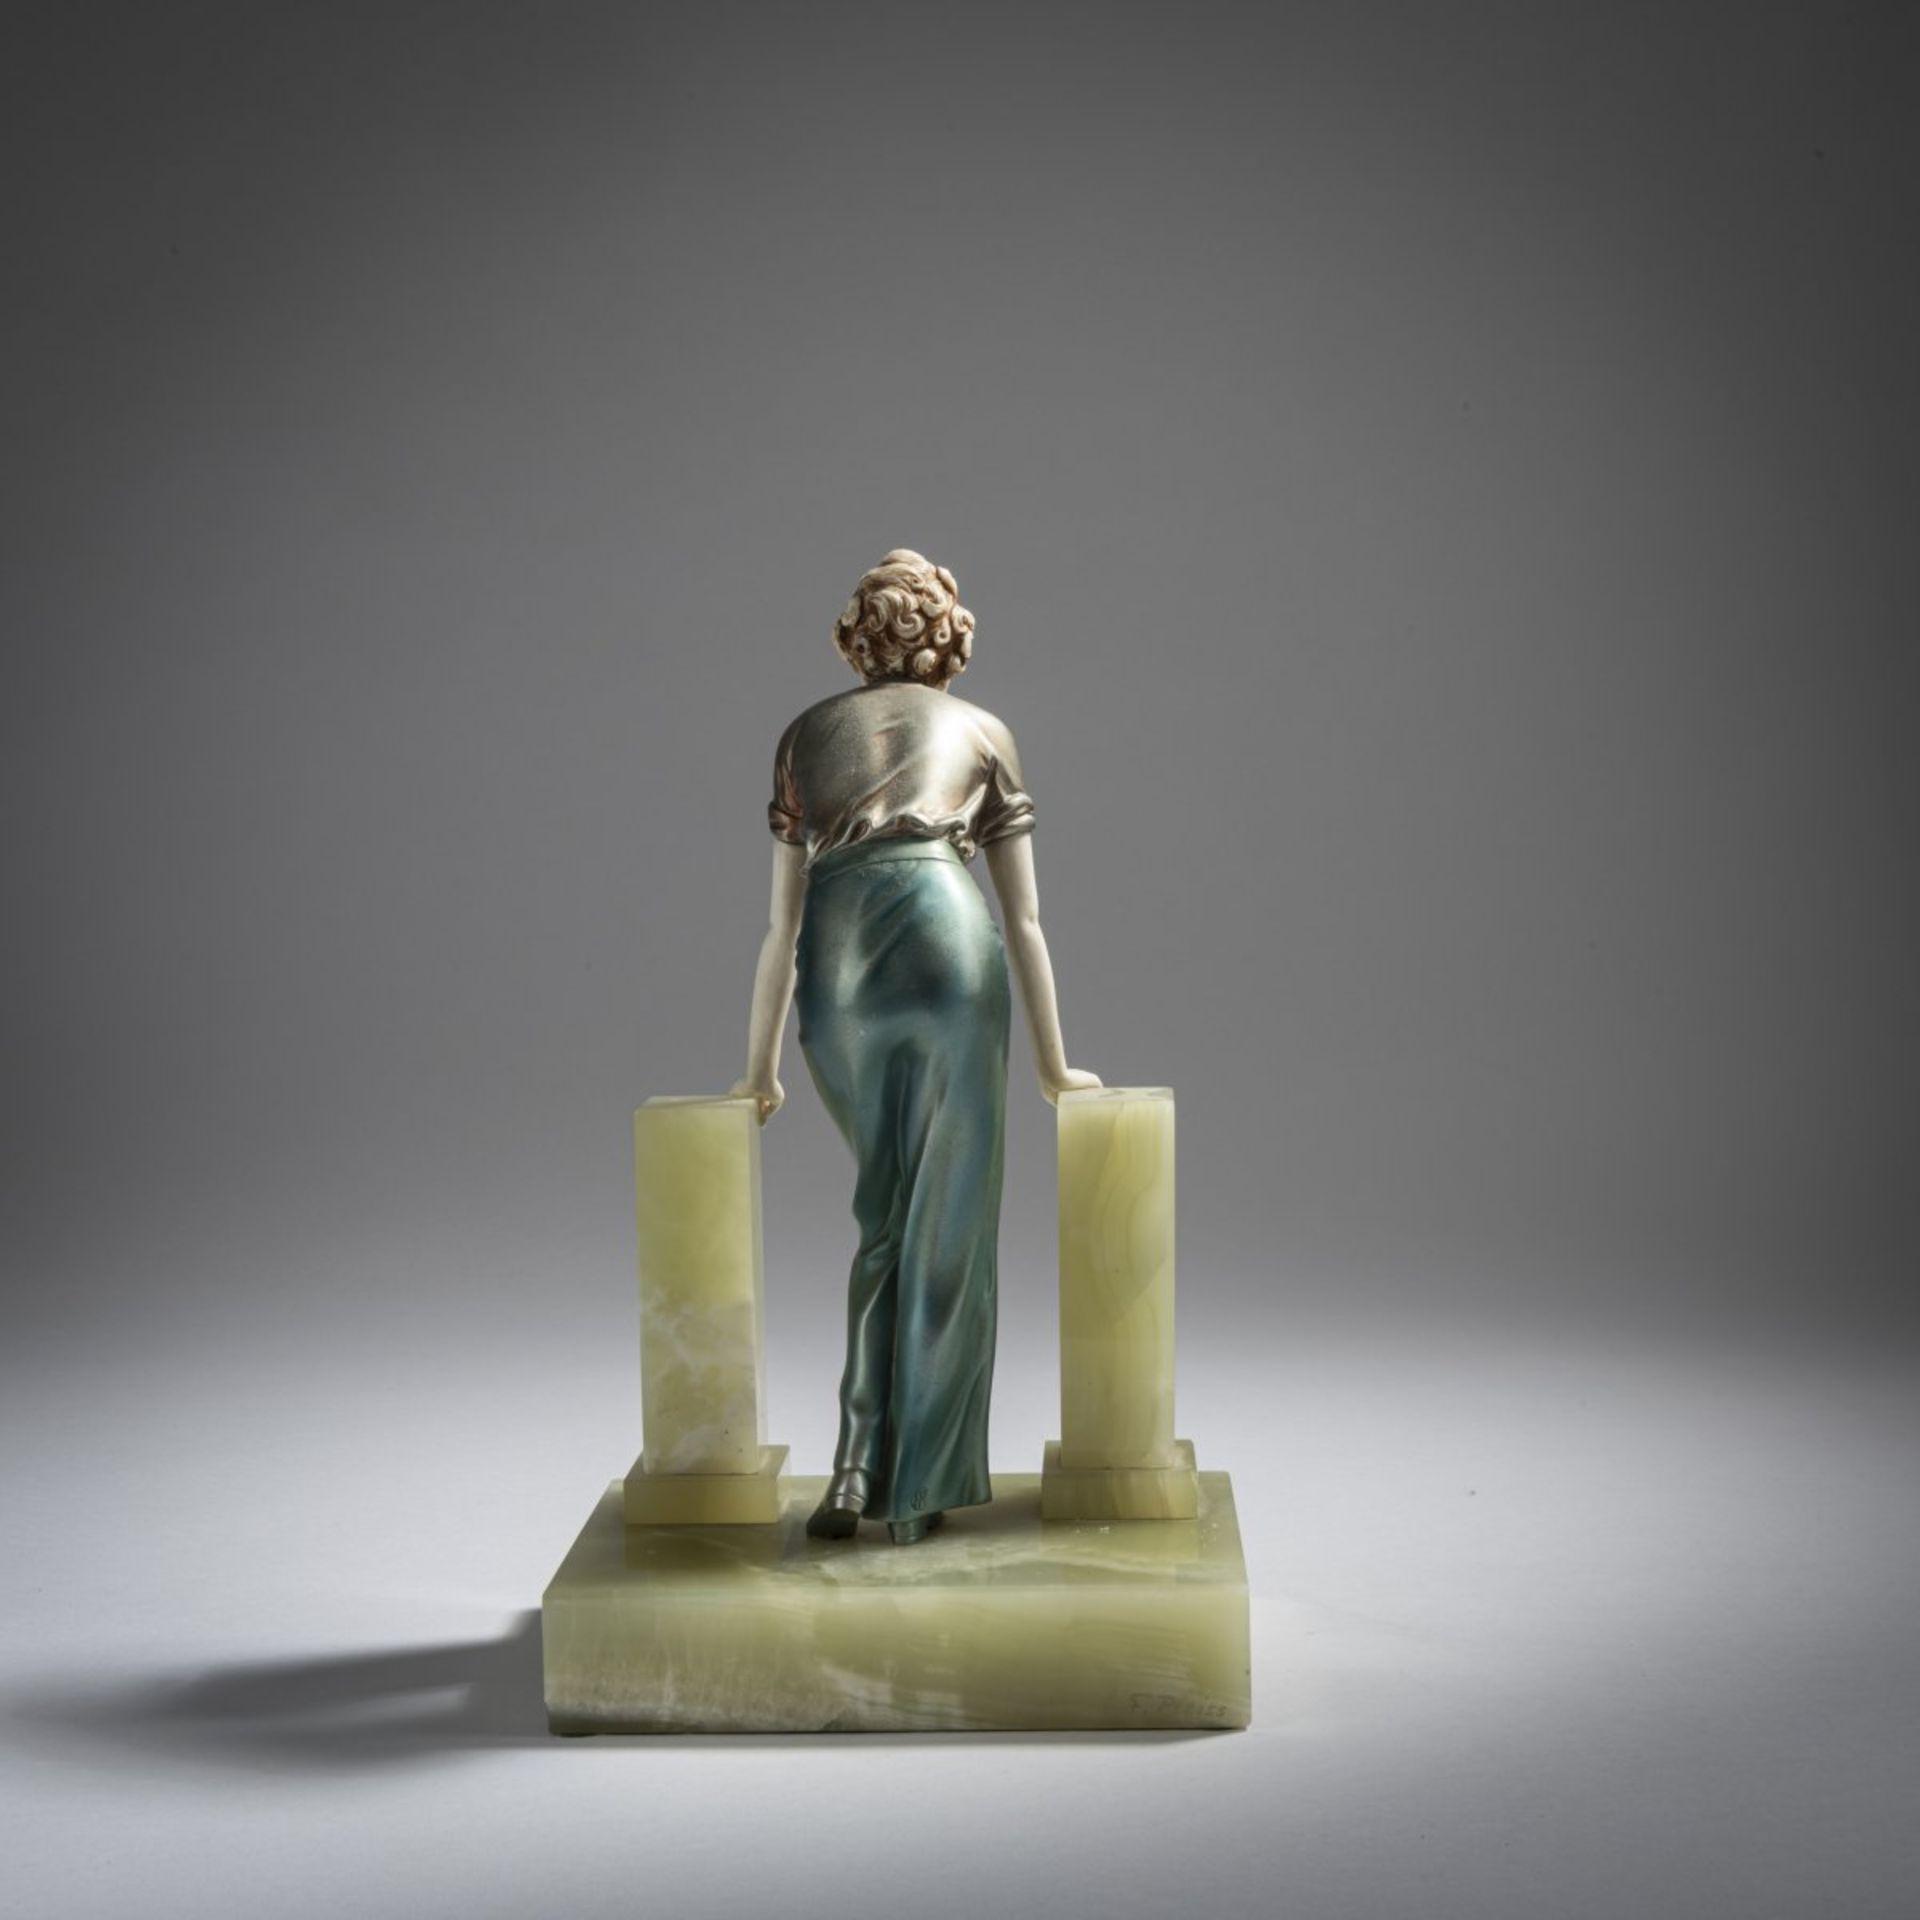 Ferdinand Preiss, 'The Stile', um 1928 - Bild 5 aus 9